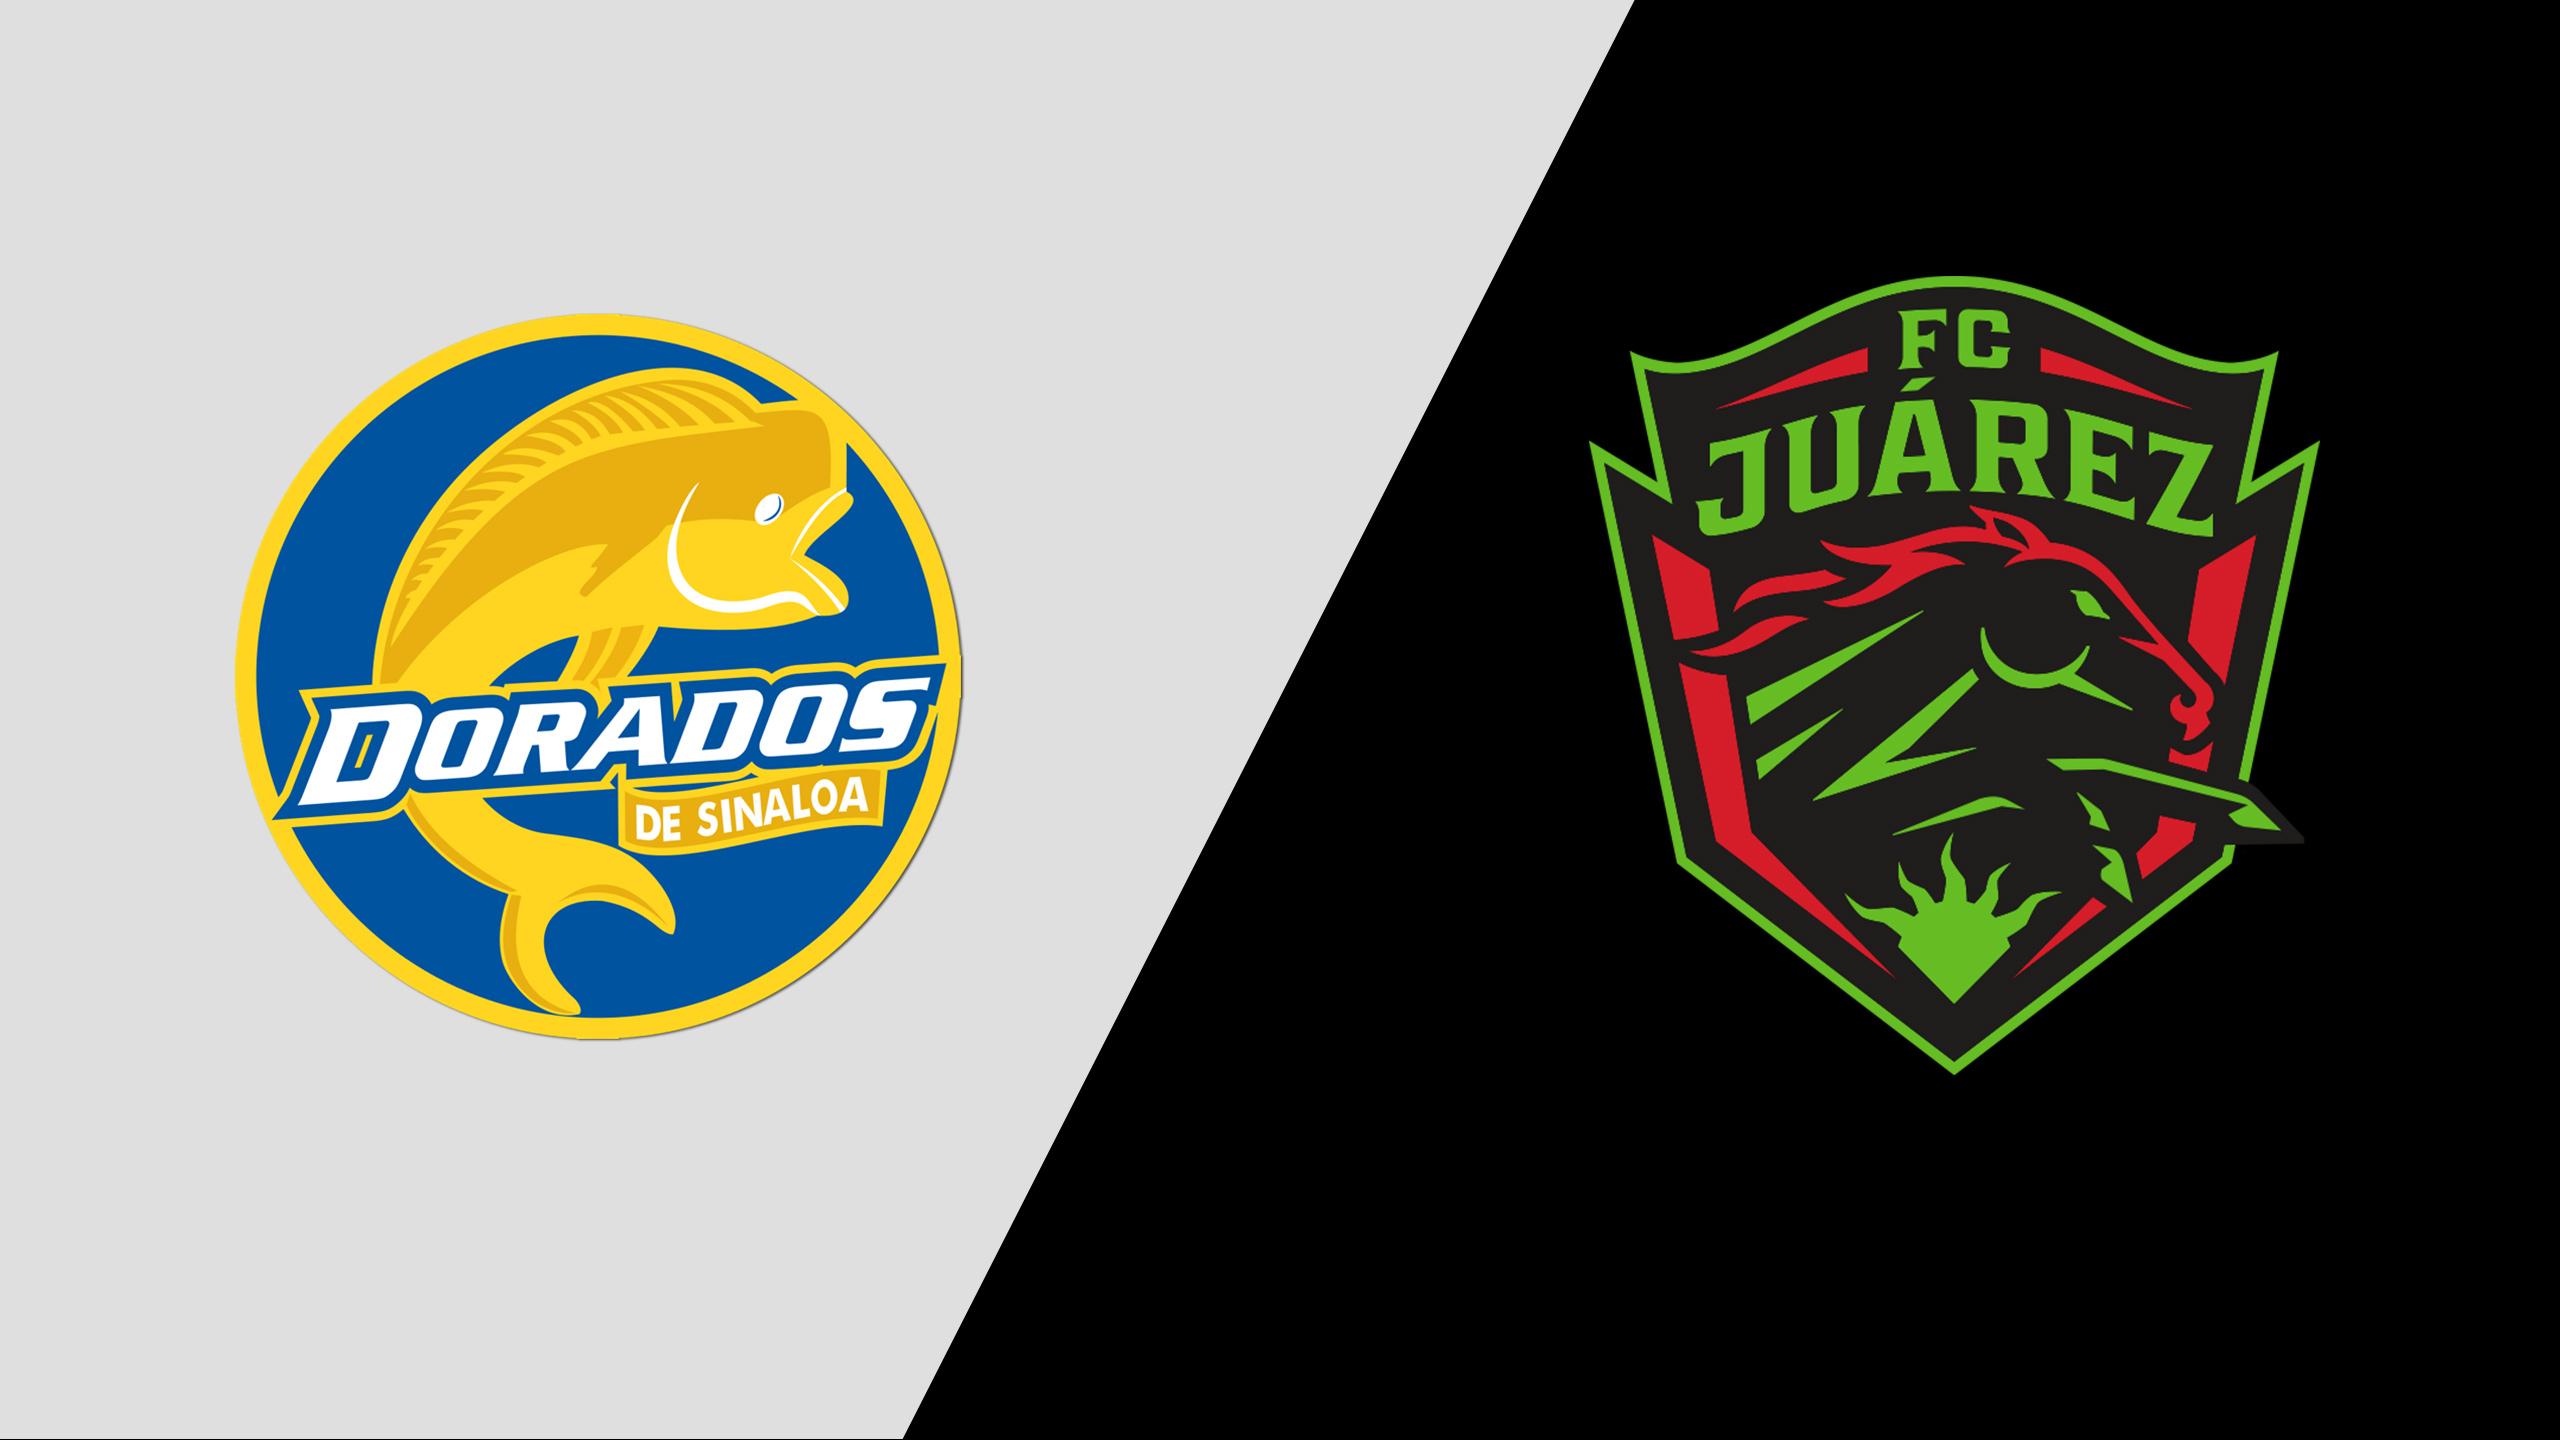 Dorados de Sinaloa vs. FC Juárez (Jornada 3)